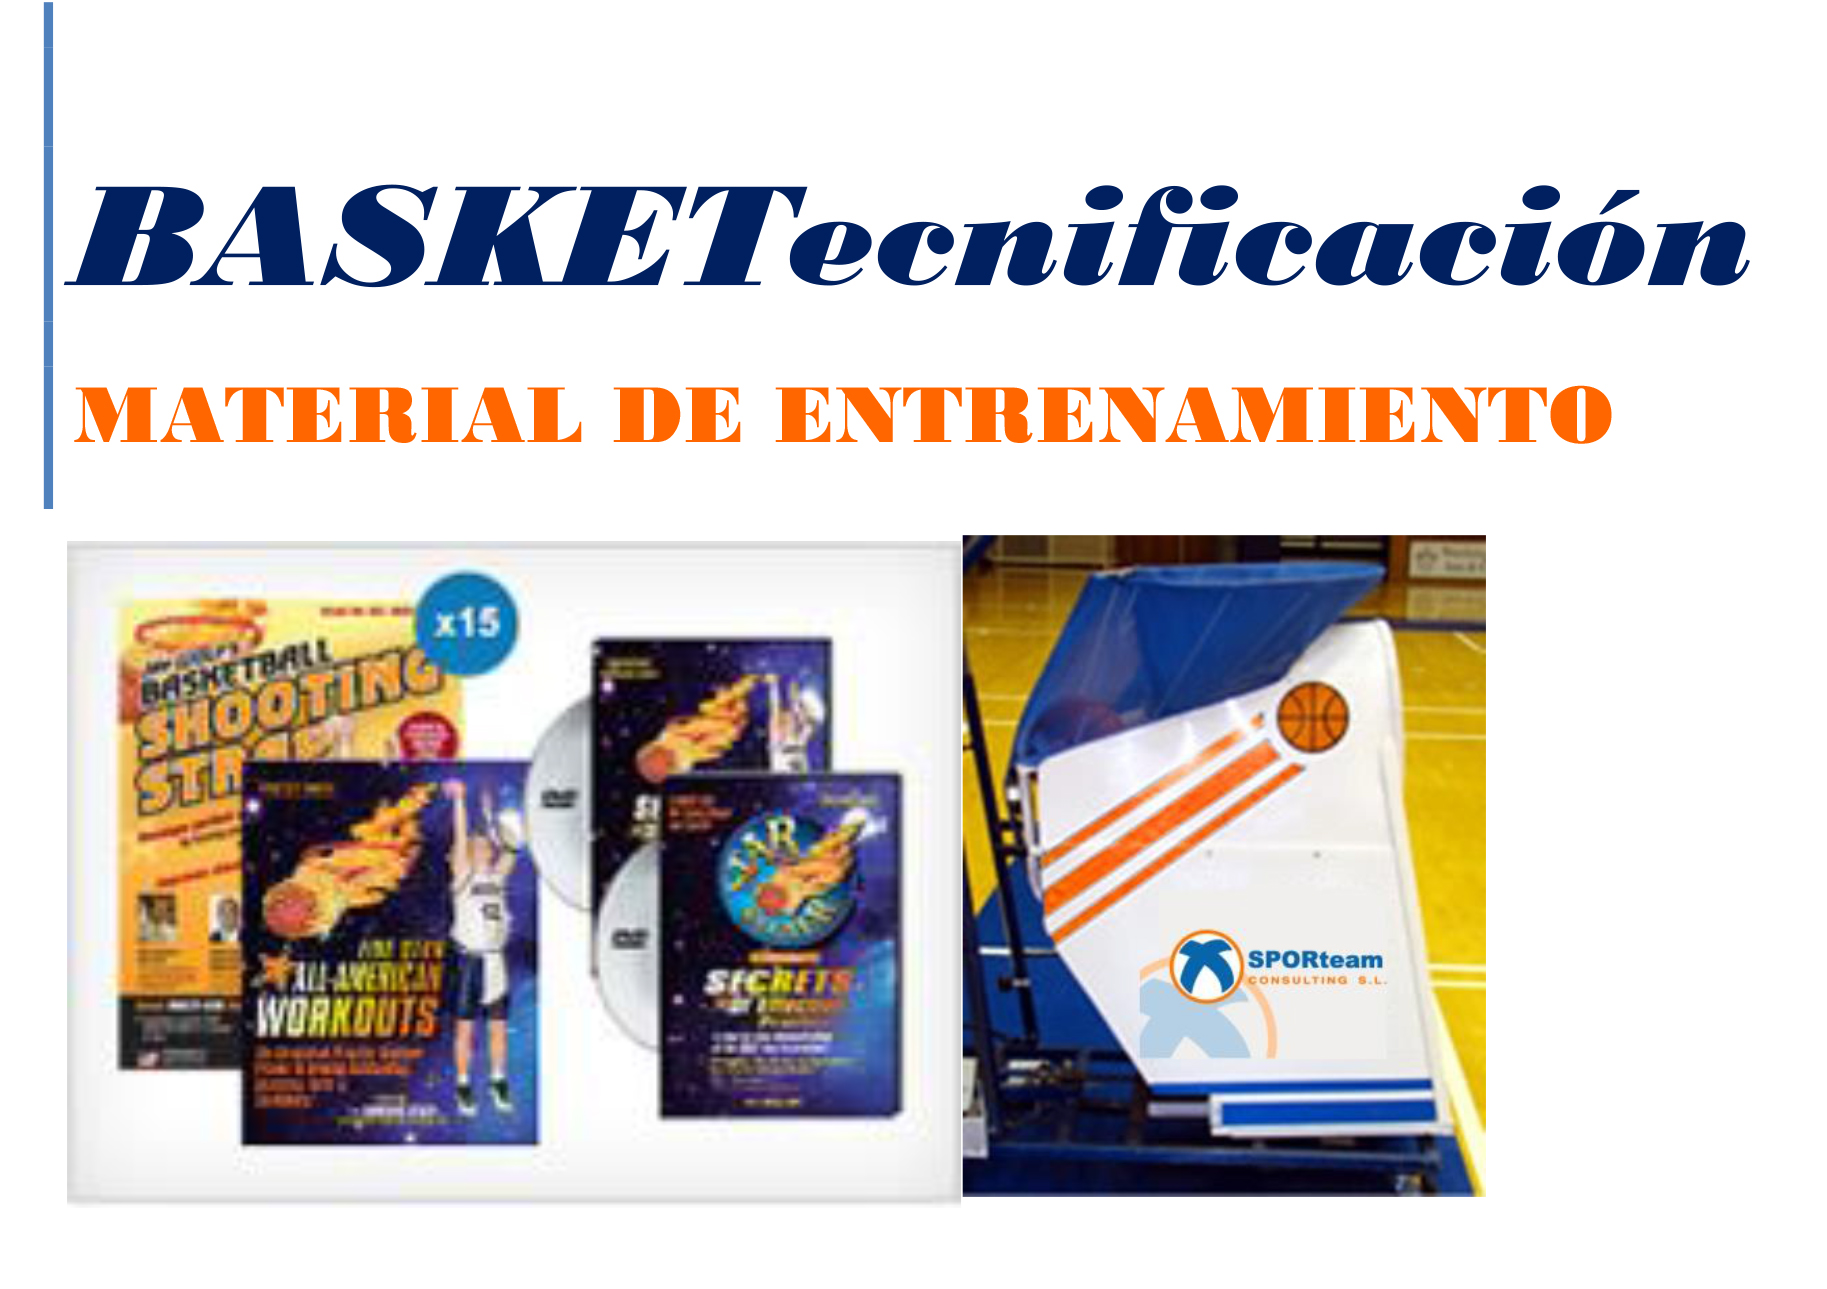 Dossier Material de Entrenamiento BASKETecnificación